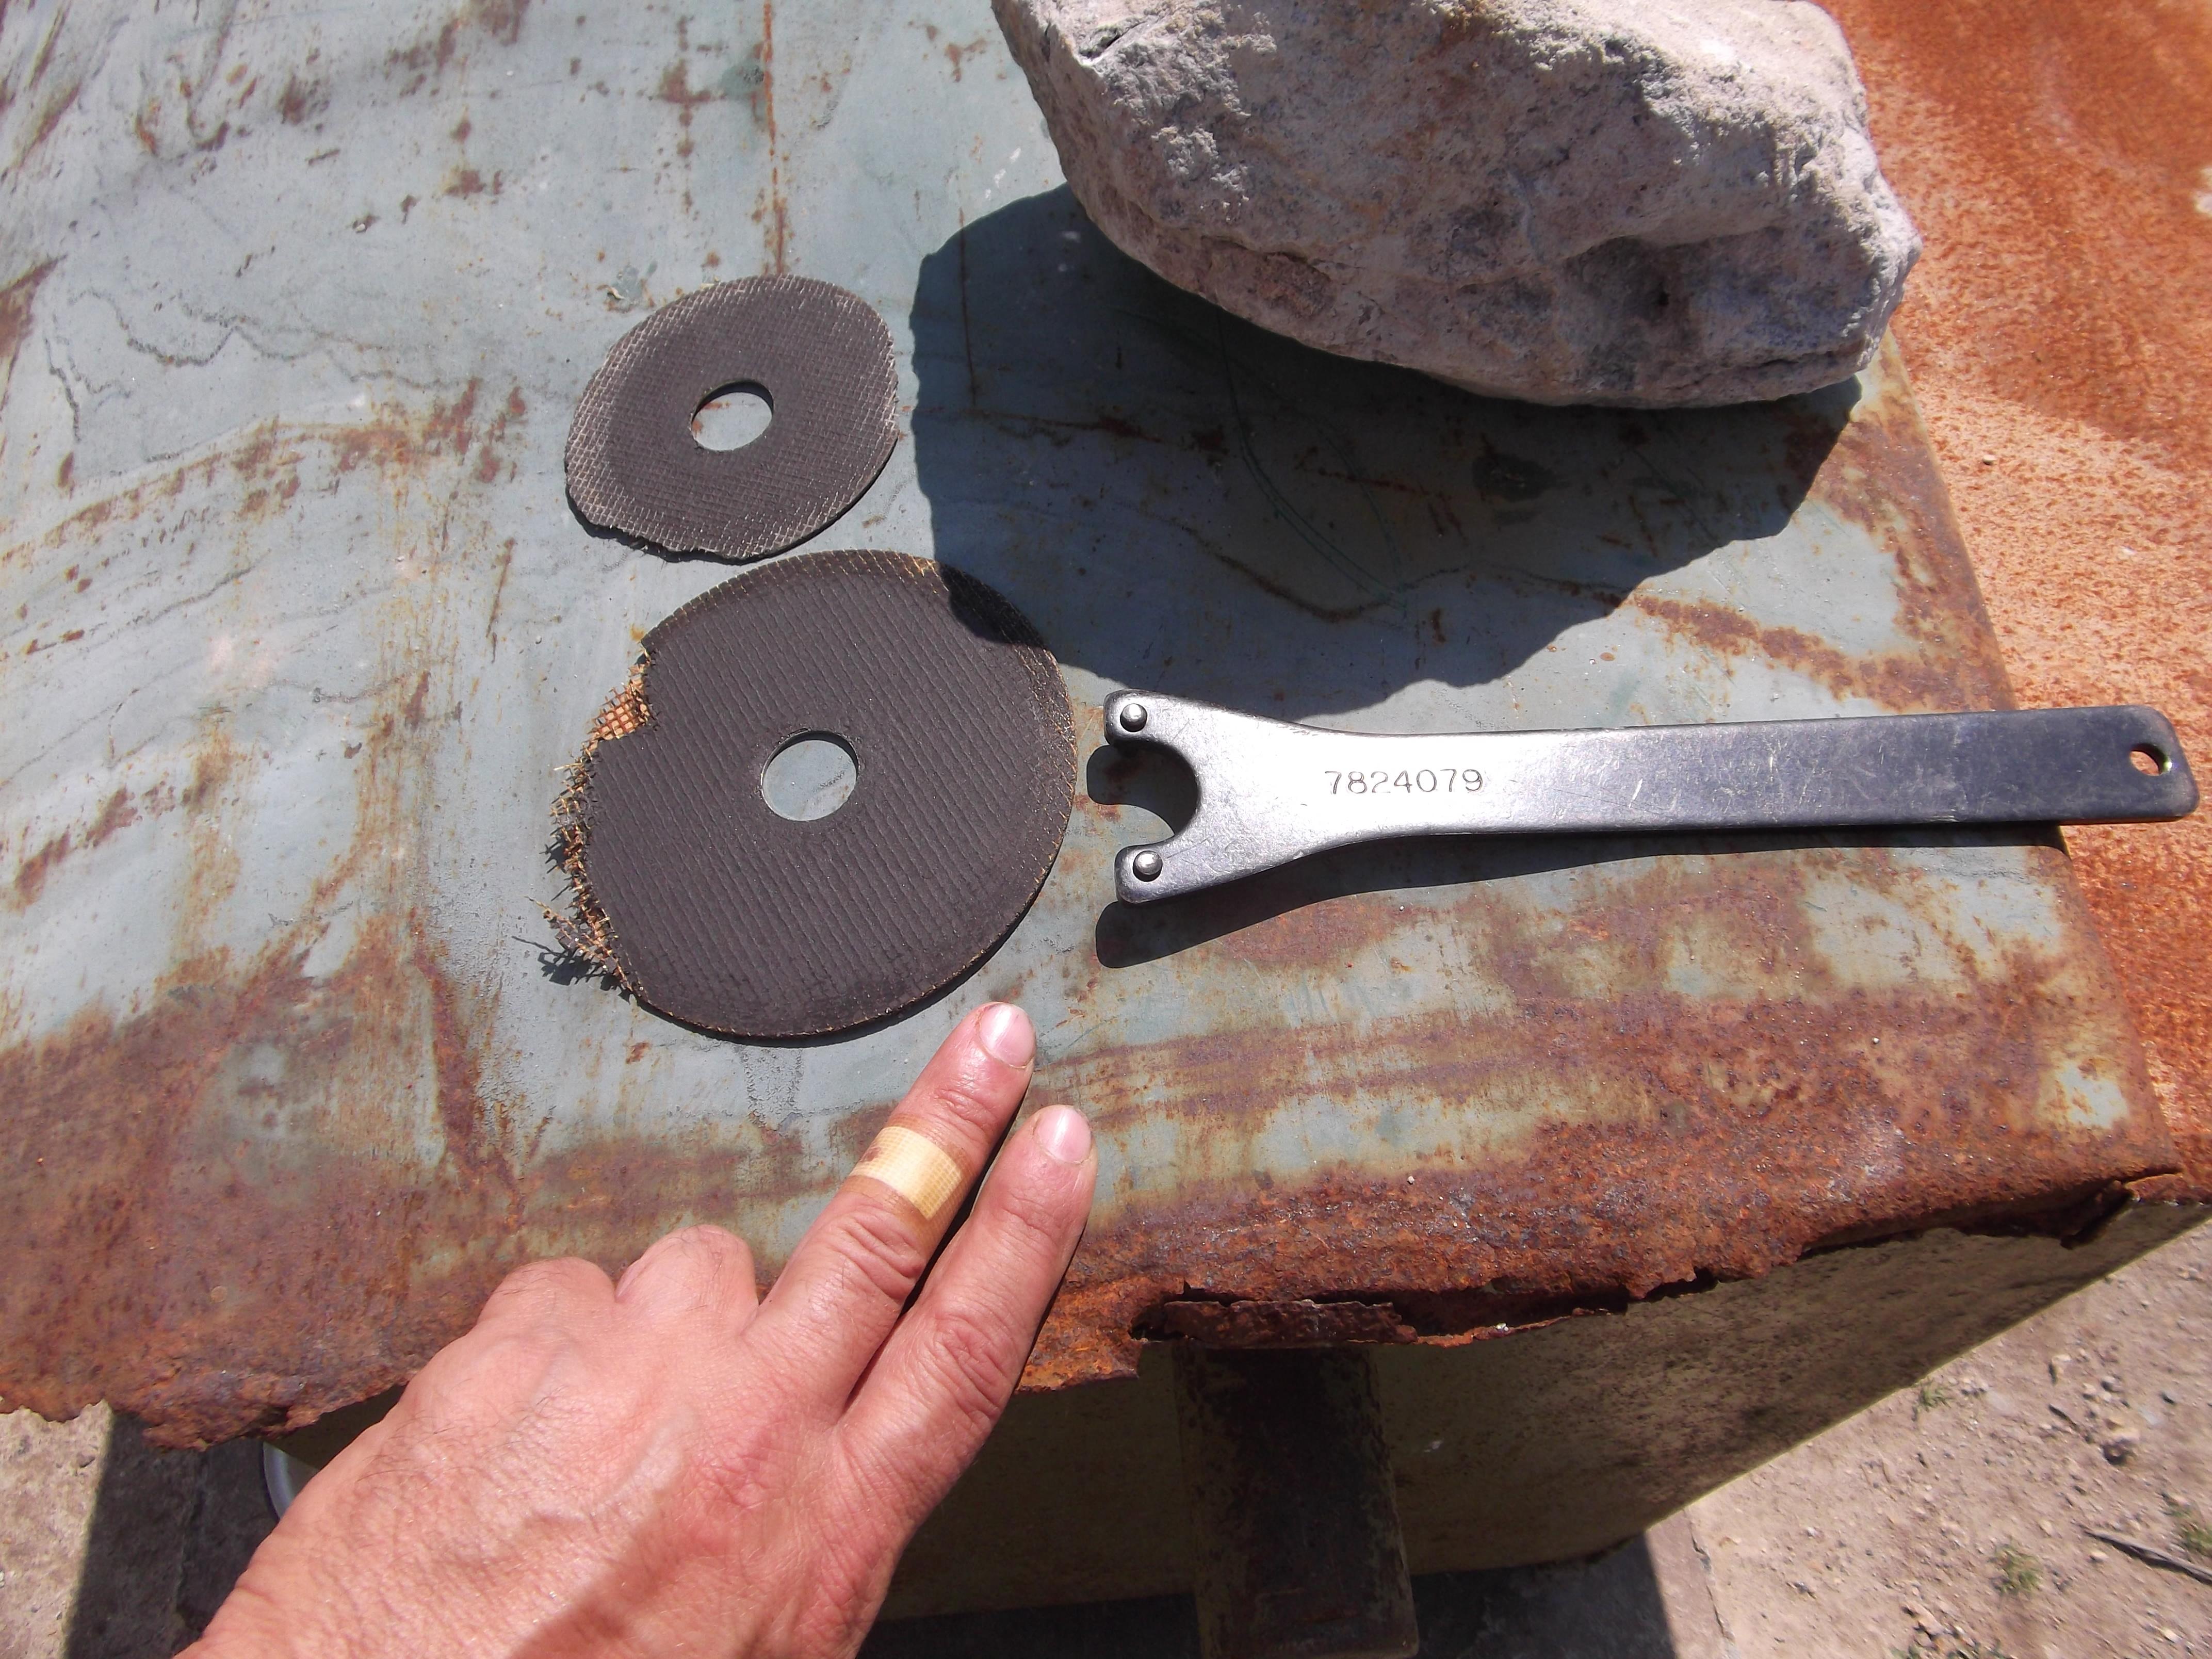 Фотография из серии «очень повезло»: в данном случае обошлось отрывом части диска и минимальной травмой пальца